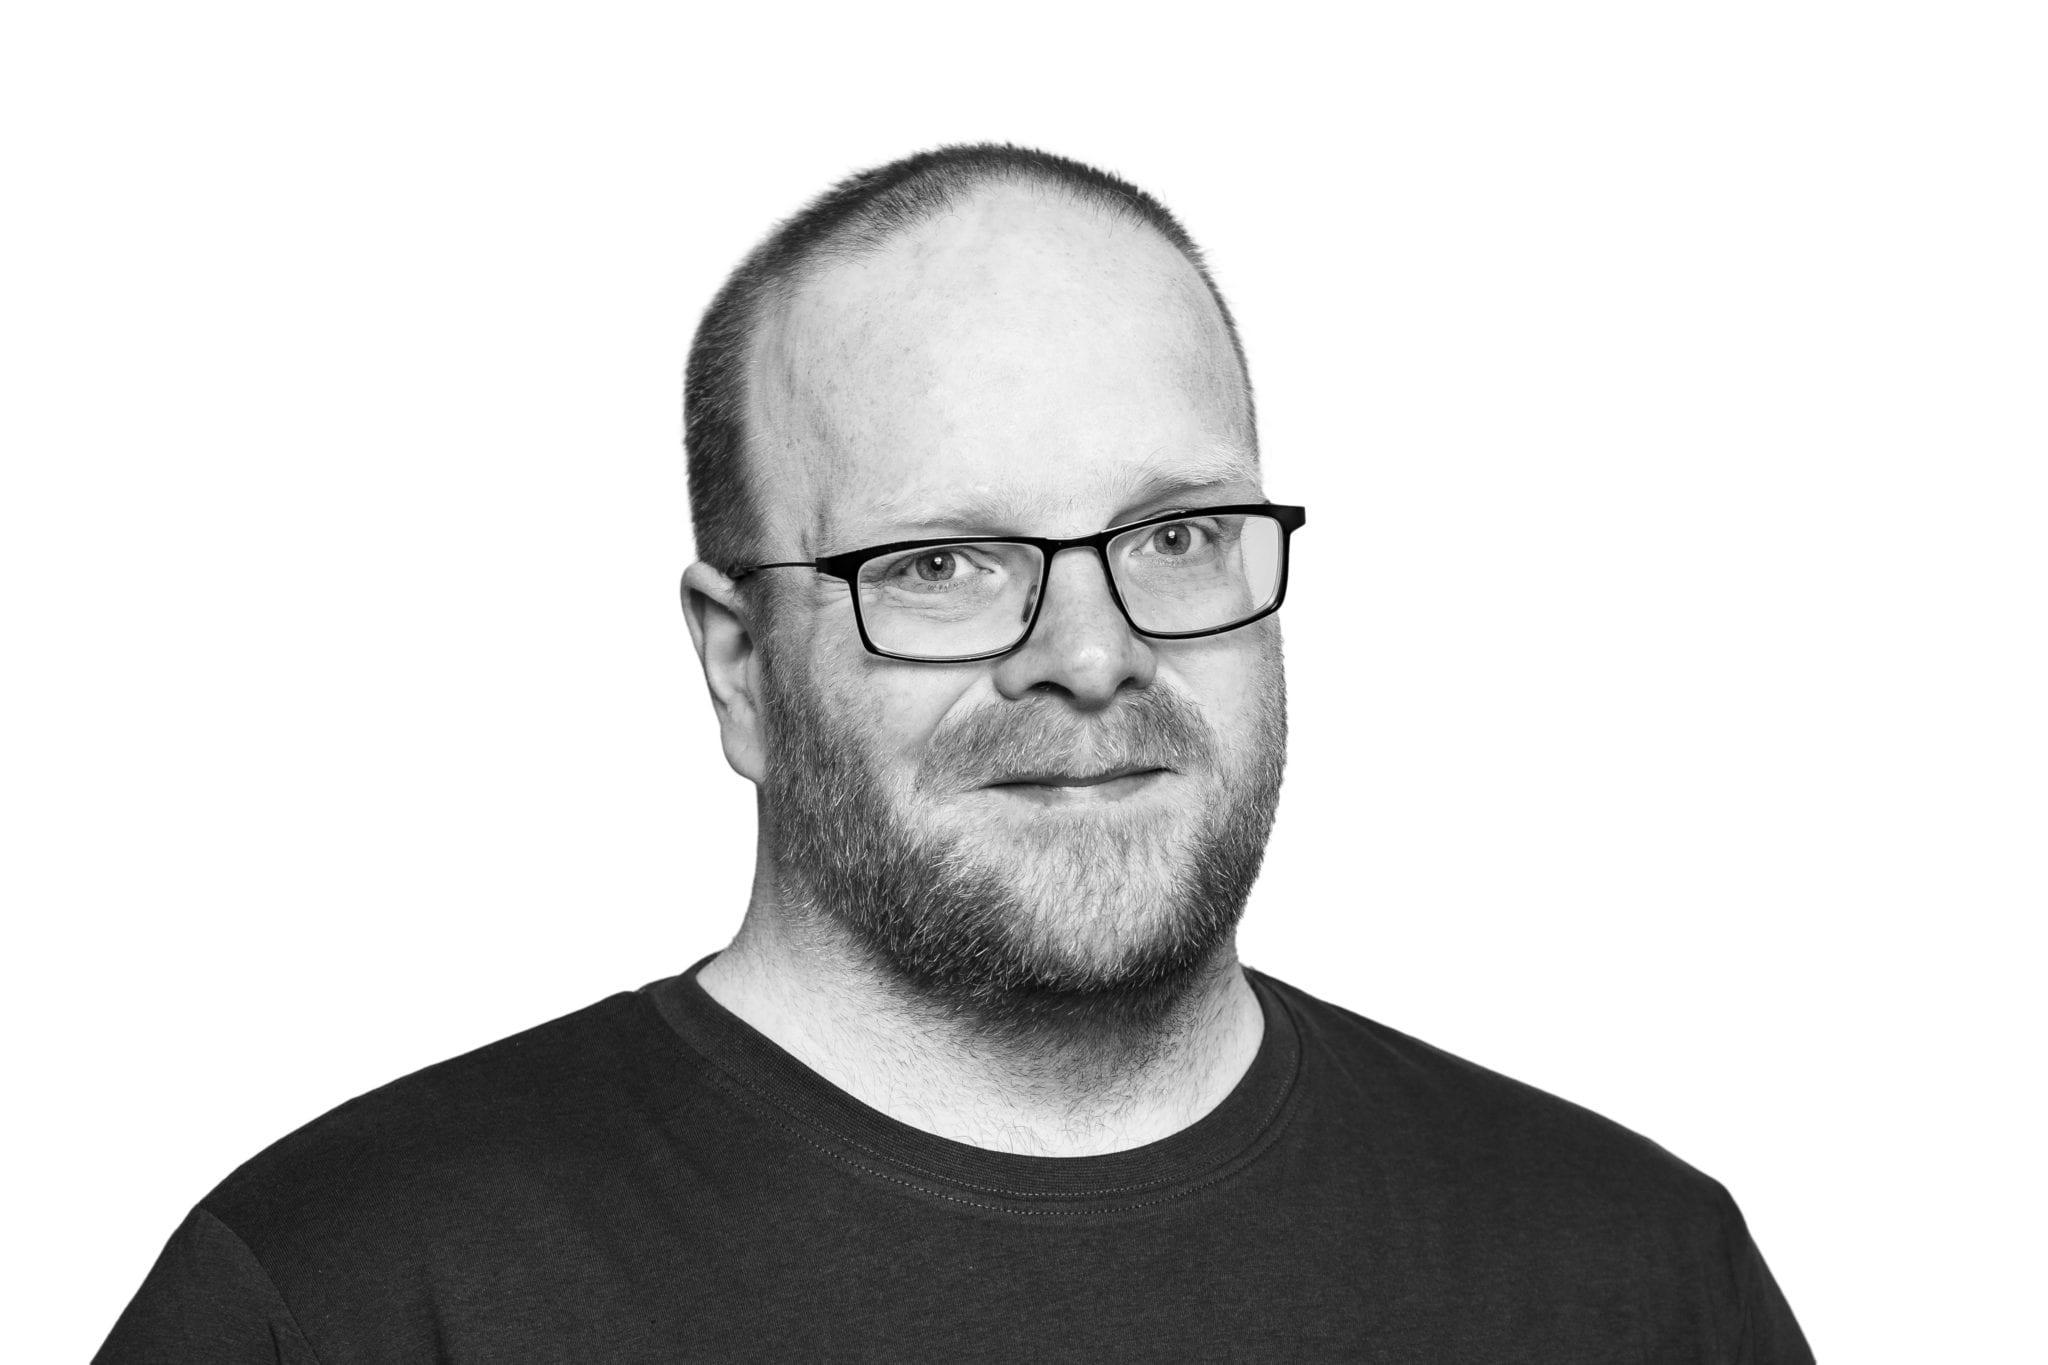 Brynjar Páll Björnsson